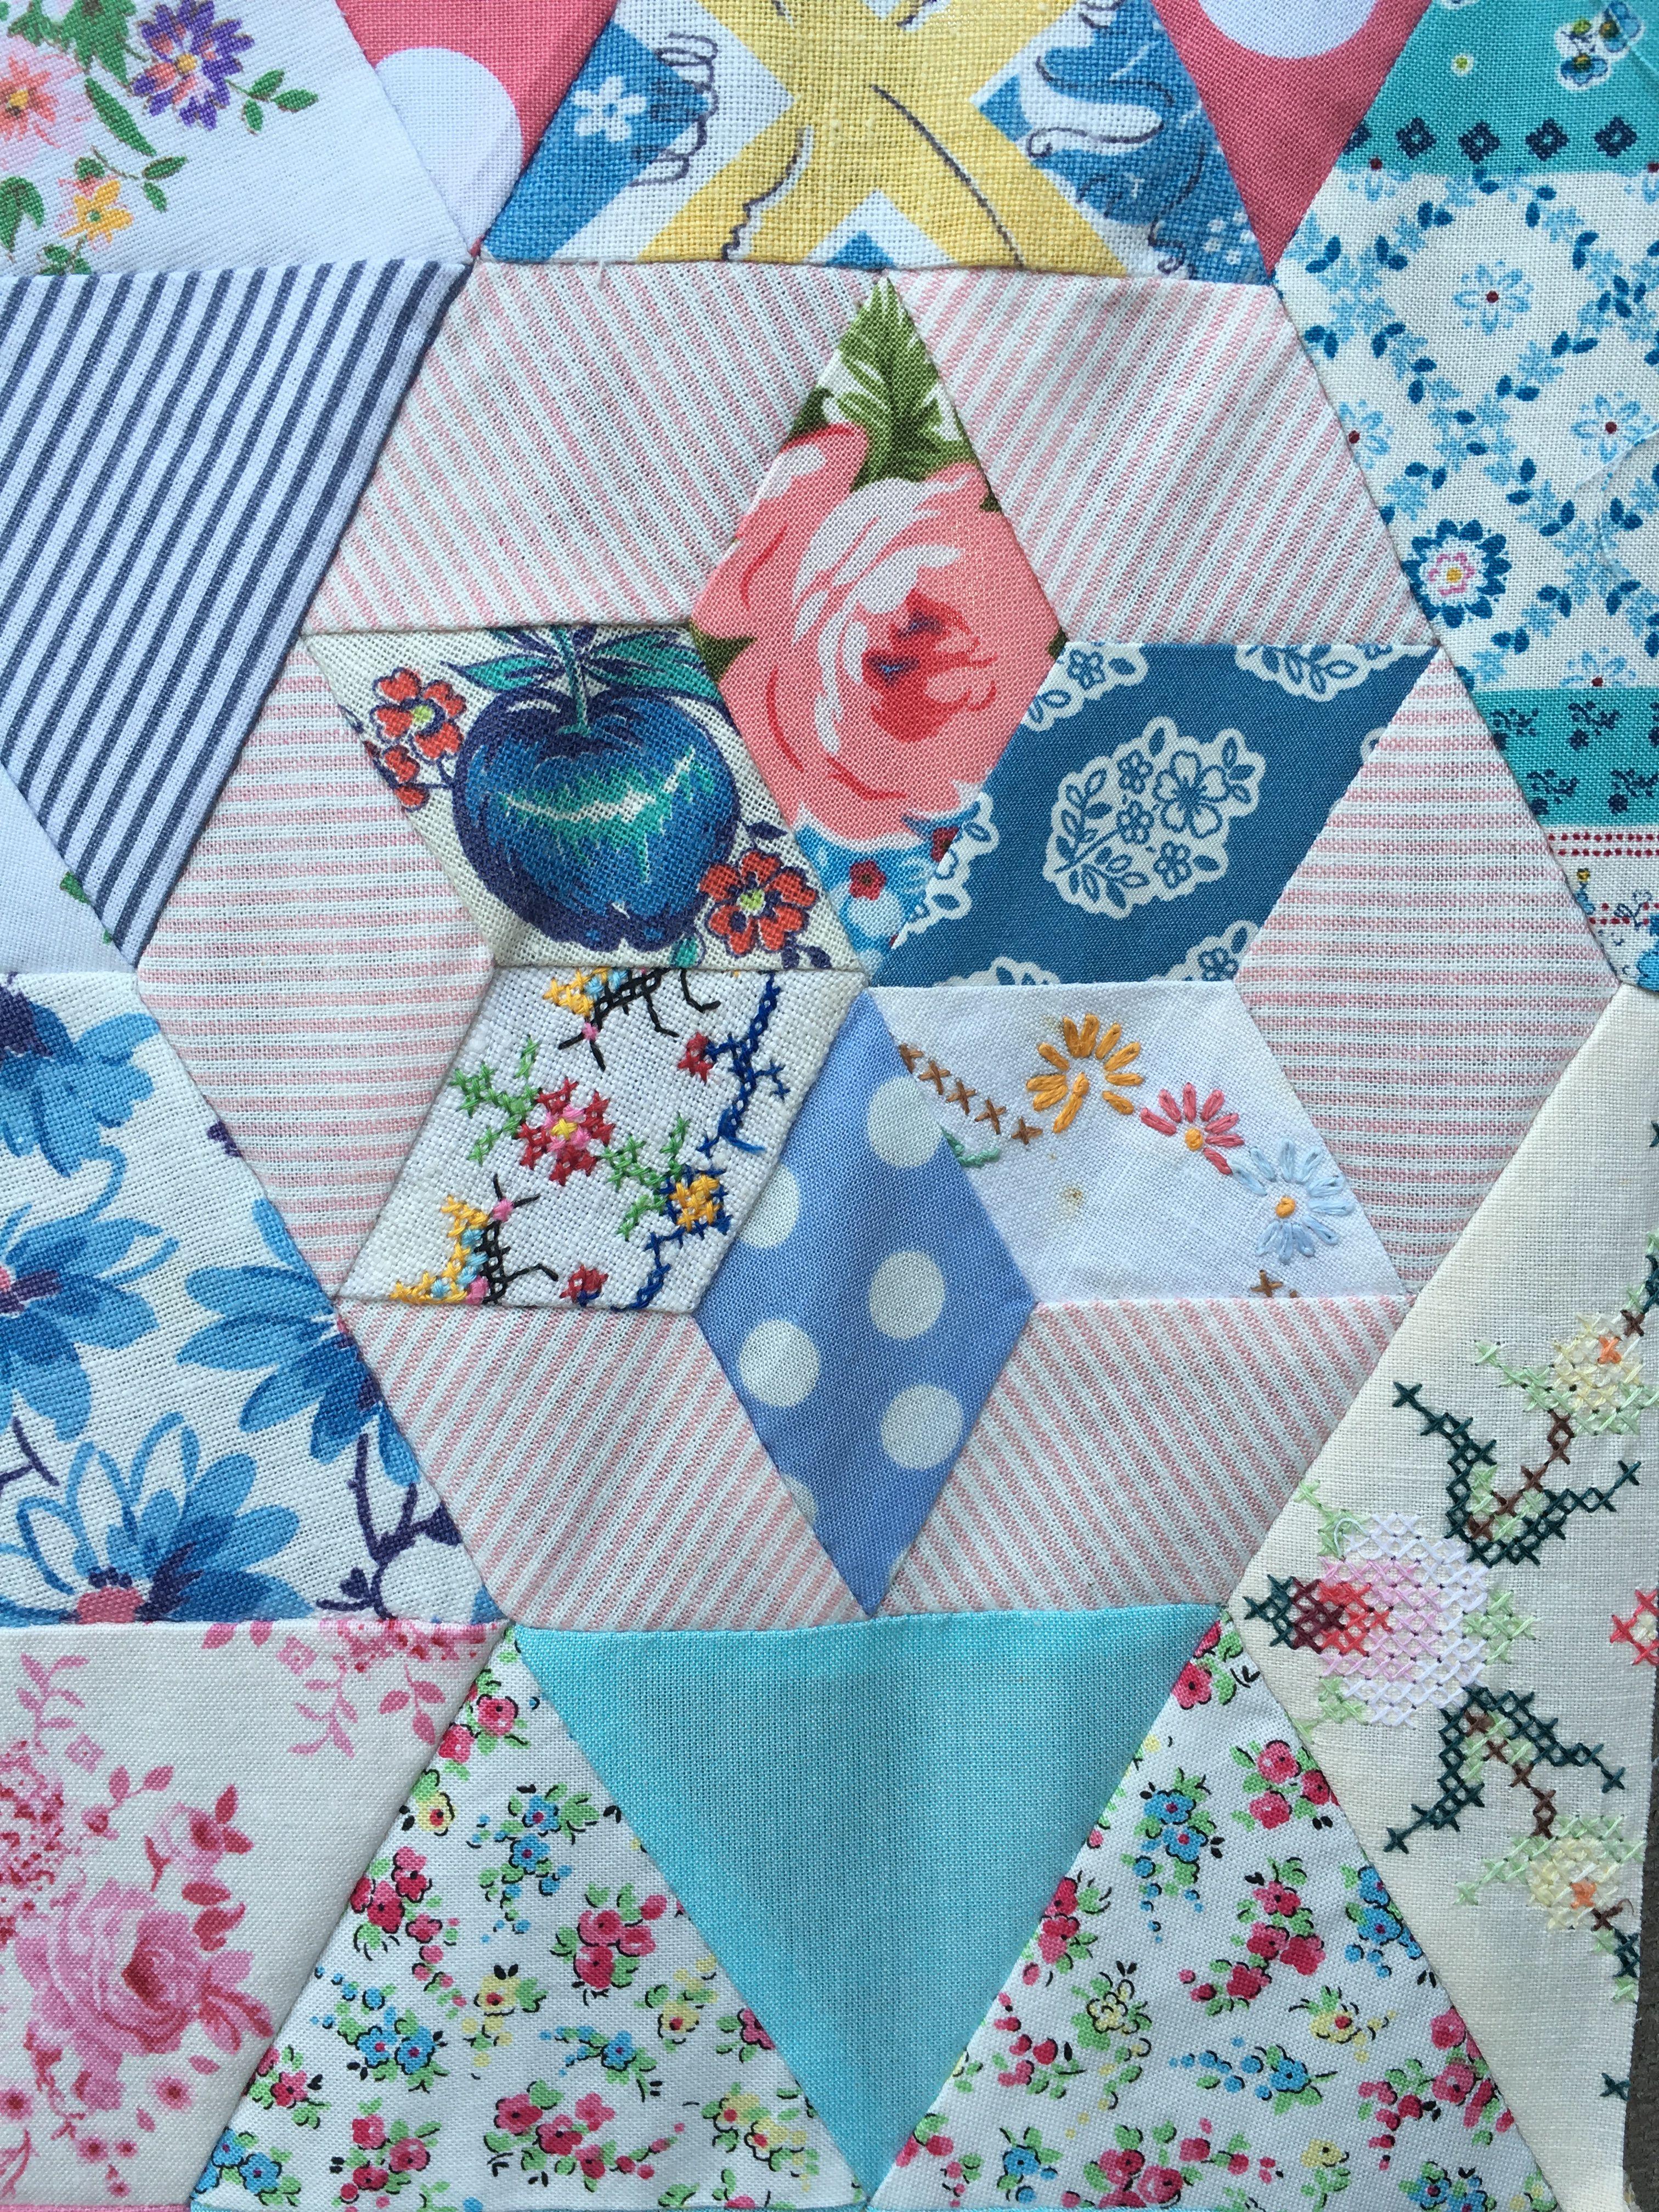 Pin von Treehouse Textiles auf Patchwork | Pinterest